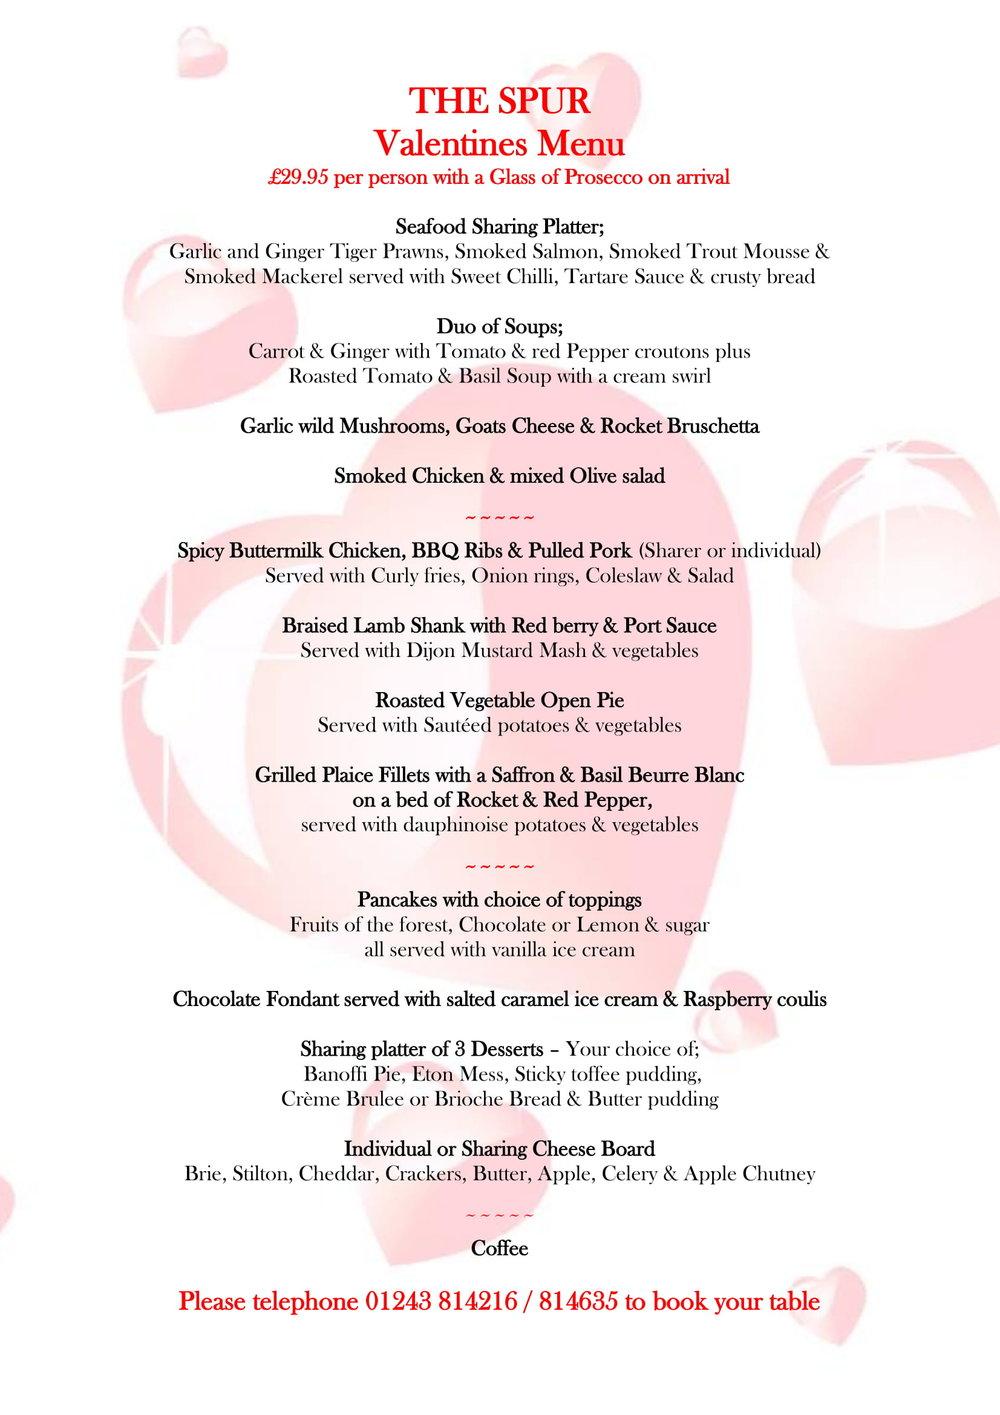 valentines menu 2019-1.jpg